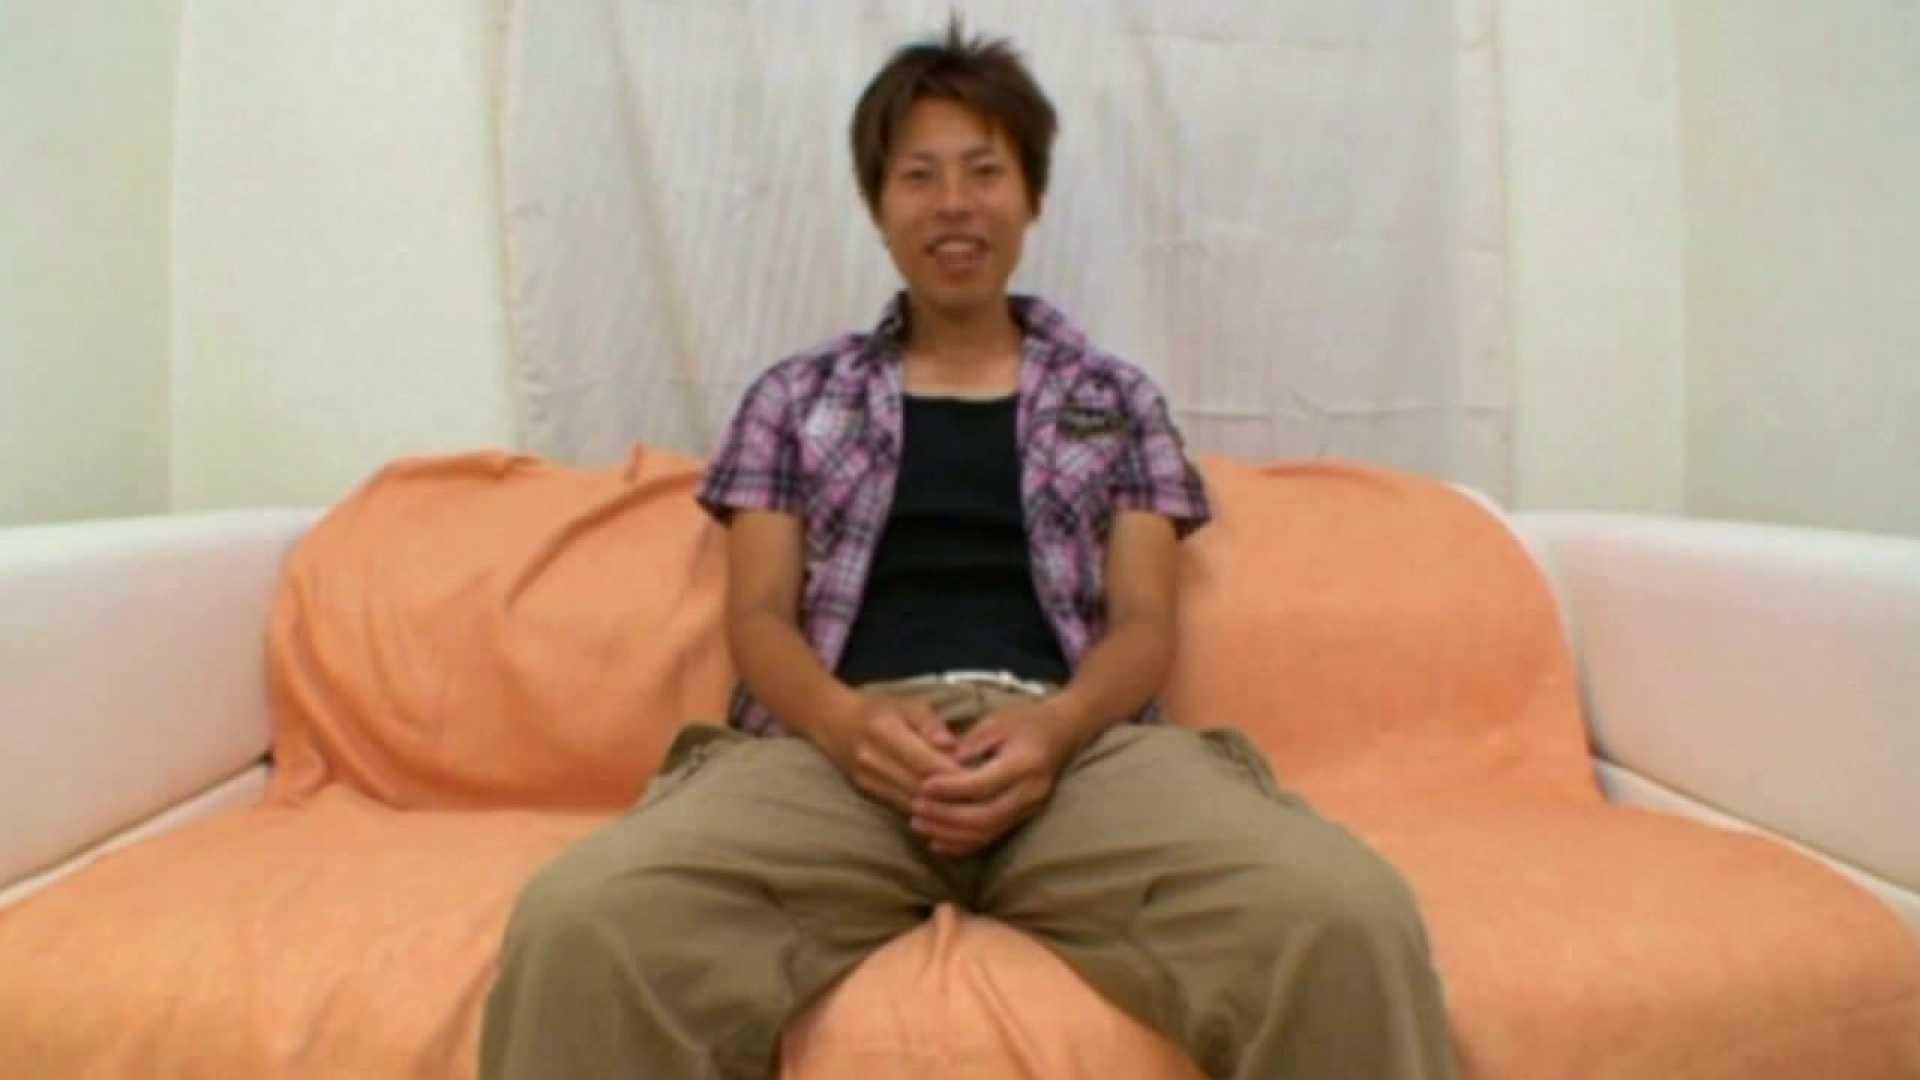 ノンケ!自慰スタジオ No.10 オナニー アダルトビデオ画像キャプチャ 113枚 90